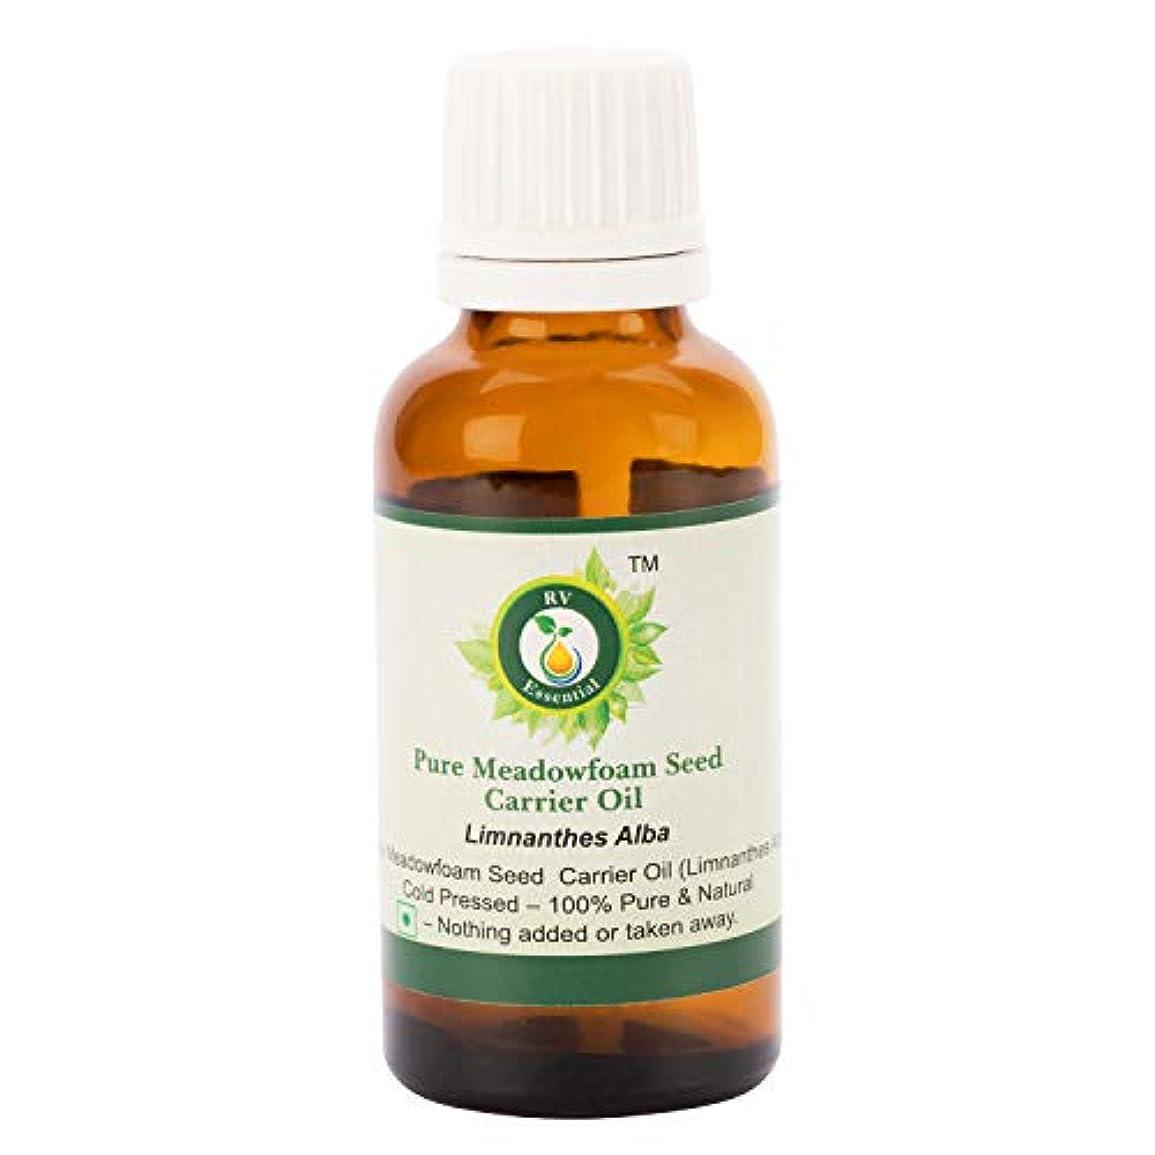 主導権ピボット系譜ピュアMeadowfoamキャリアオイル5ml (0.169oz)- Limnanthes Alba (100%ピュア&ナチュラルコールドPressed) Pure Meadowfoam Carrier Oil